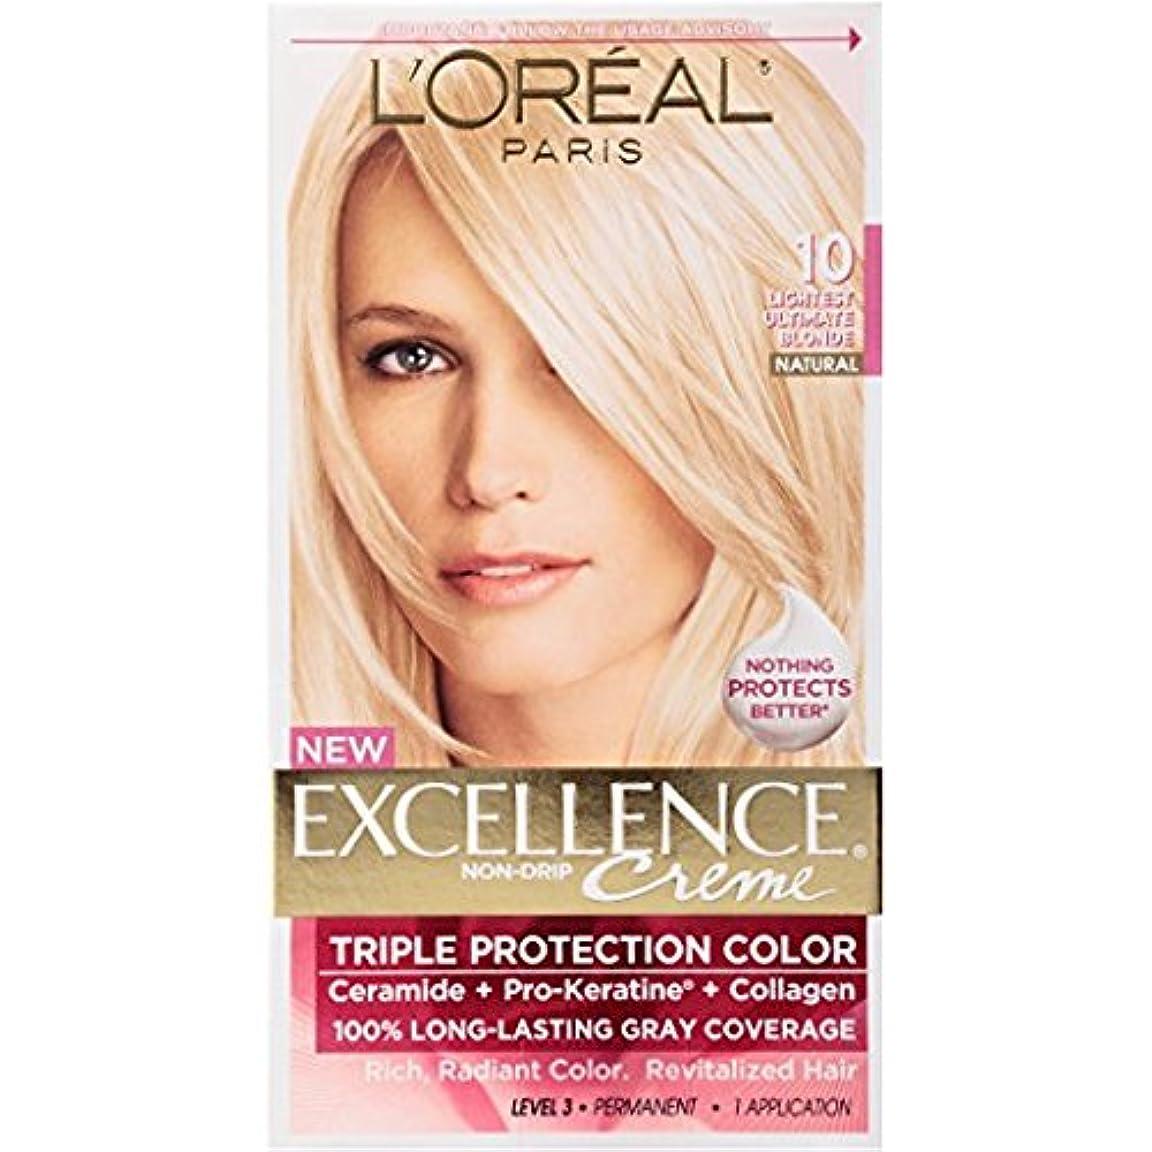 ドライブ個人農業ロレアル L'Oreal Paris Excellence Creme Pro - Keratine 10 Light Ultimate Blonde ブロンド ヘアダイ [並行輸入品]